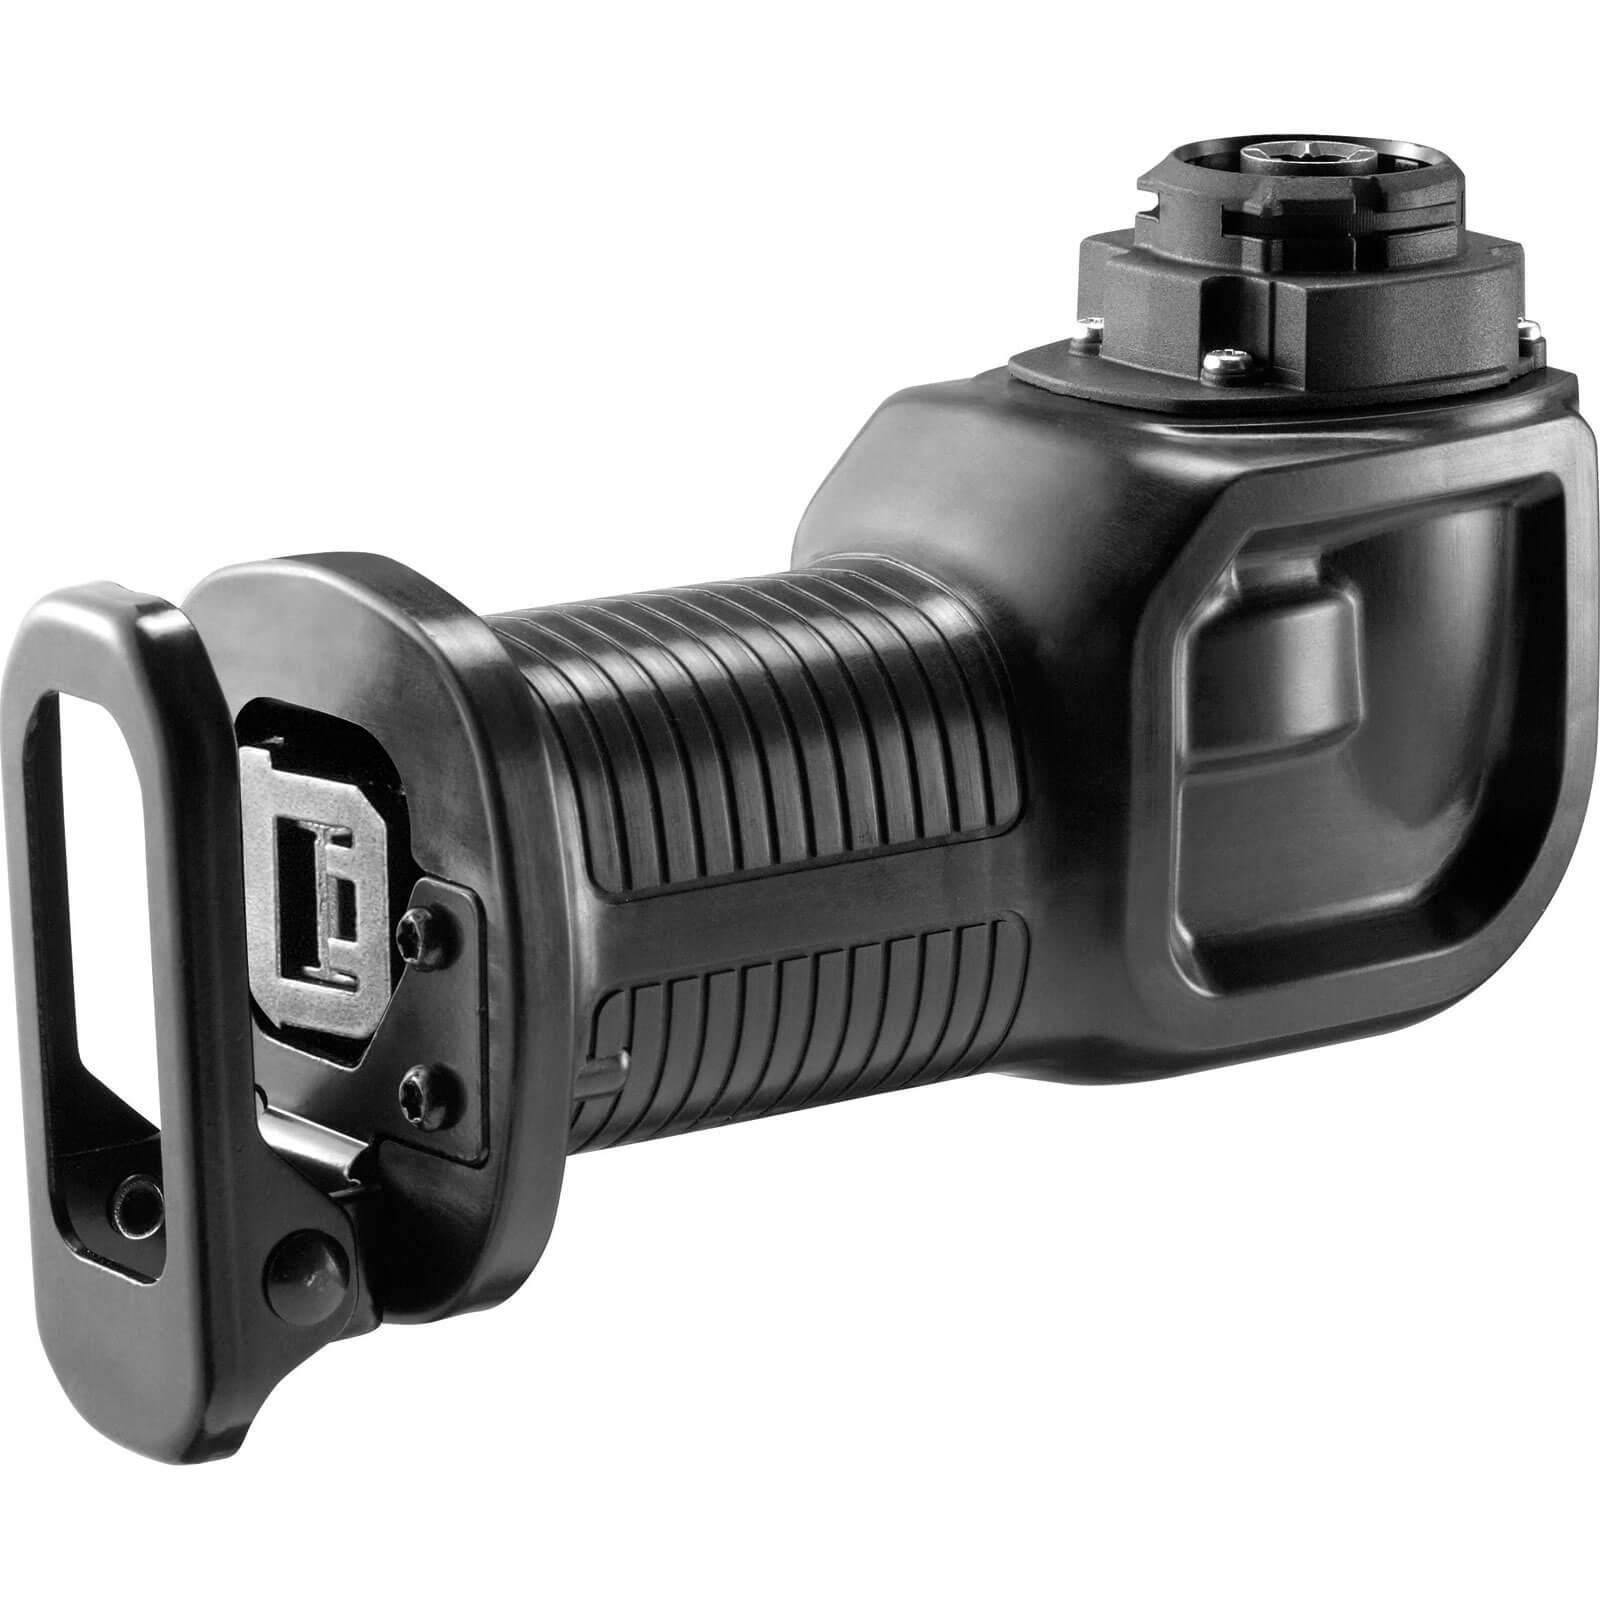 Black & Decker Recipro Saw Attachment for MULTiEVO Multi Tool